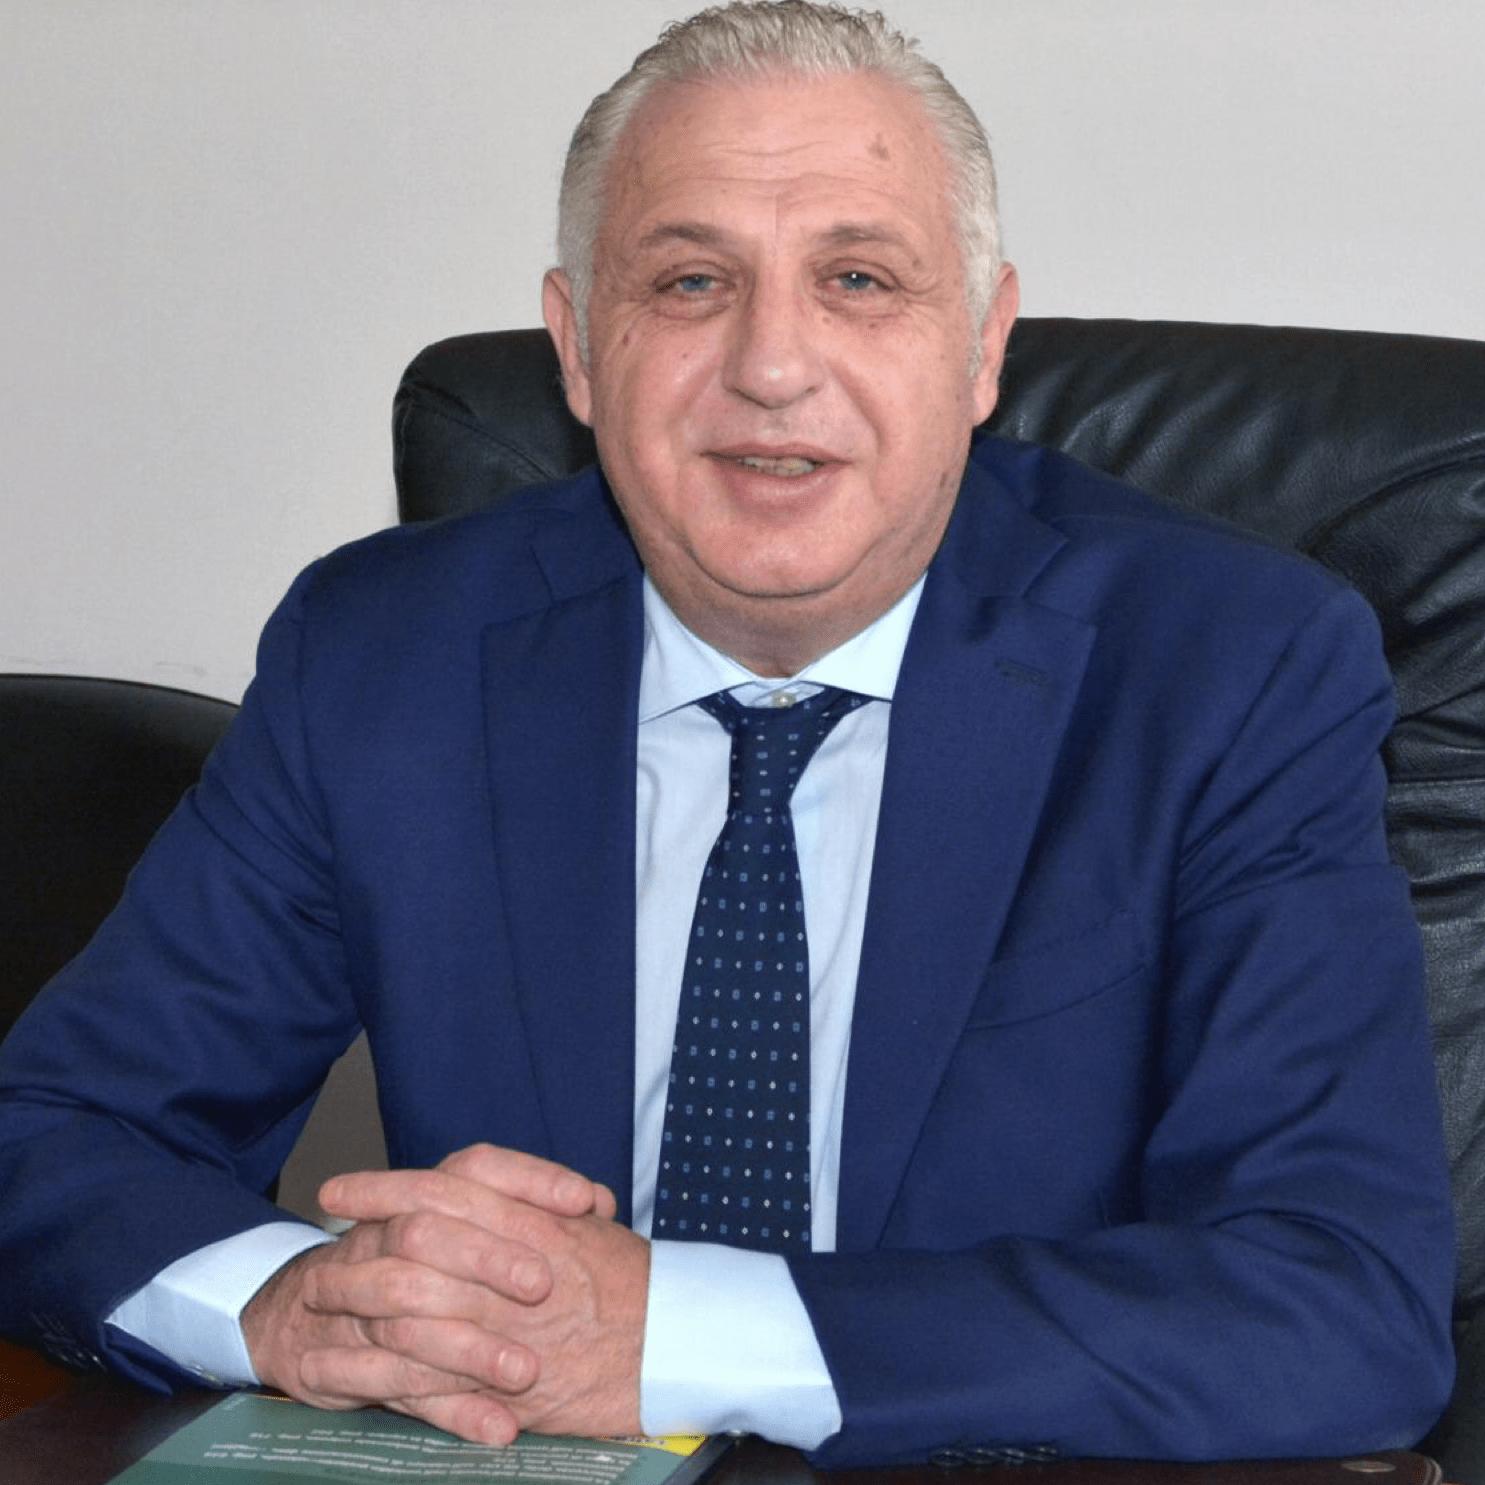 Pasquale Mazzeo